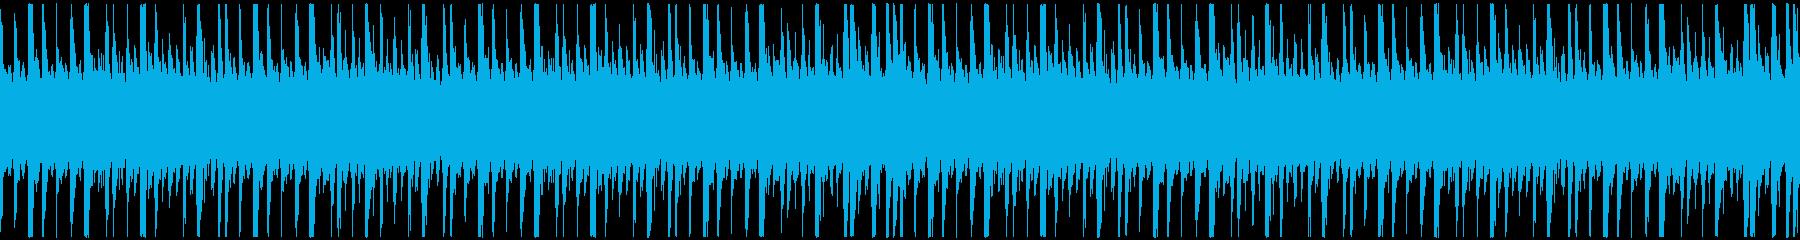 ローファイでシンプルなピアノのループの再生済みの波形